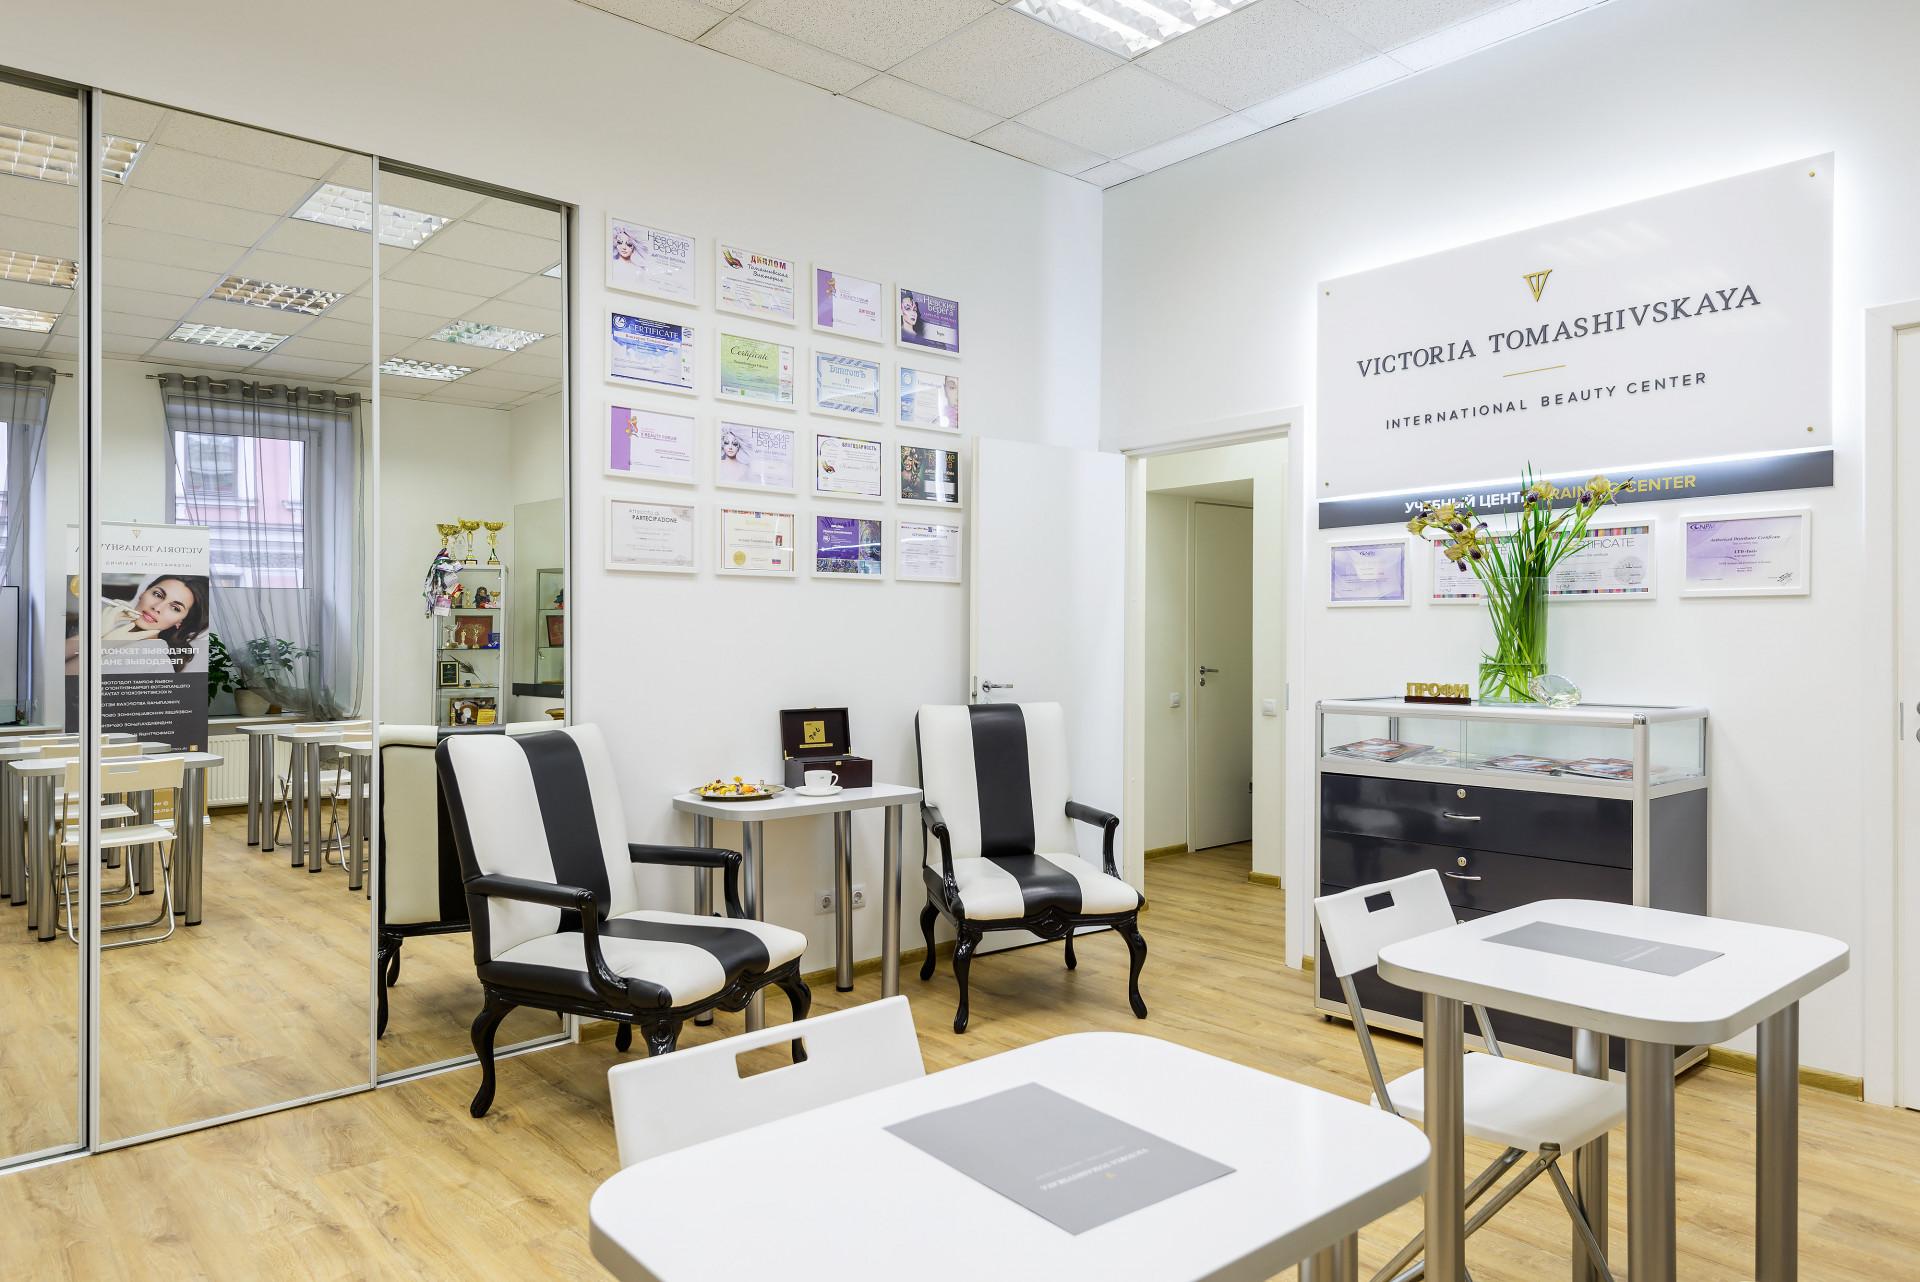 Центр перманентного макияжа Виктории Томашивской